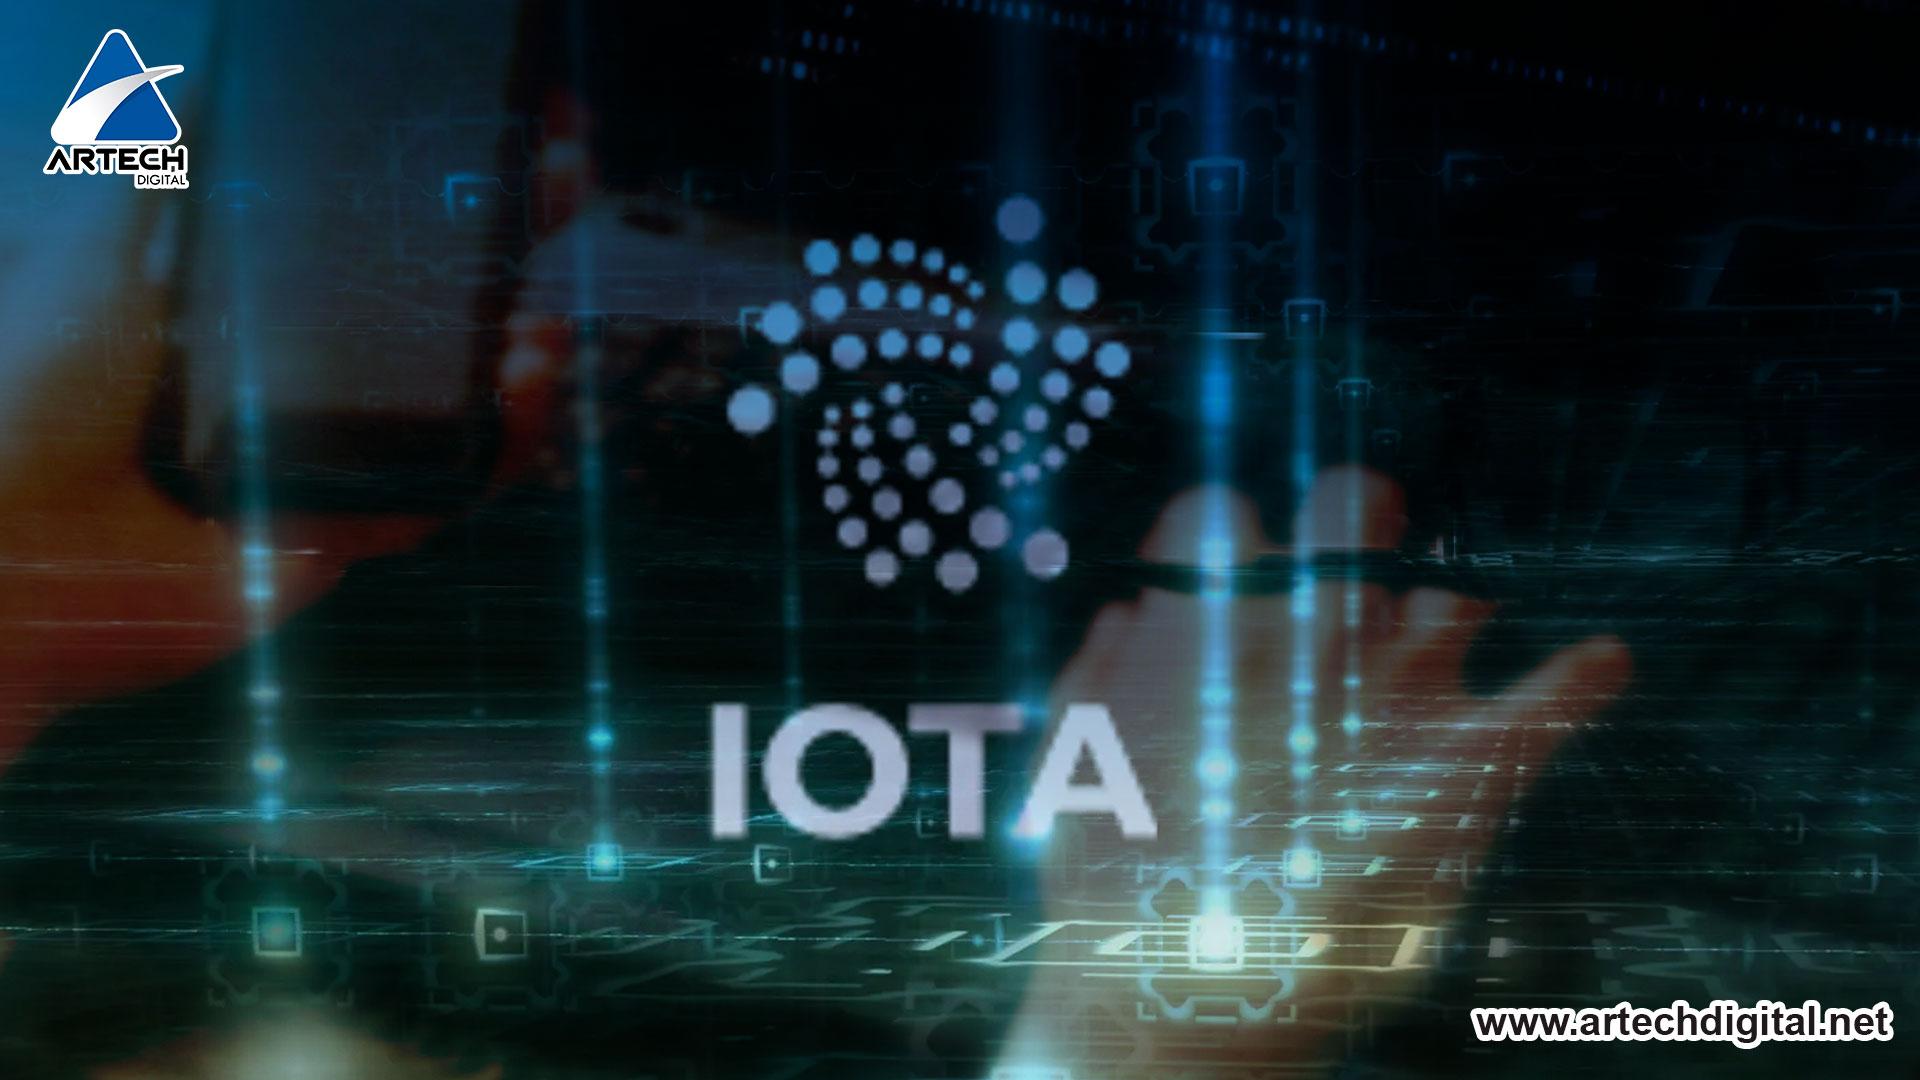 Expertos aseguran que la IOTA sobrevivirá y dará buenos dividendos